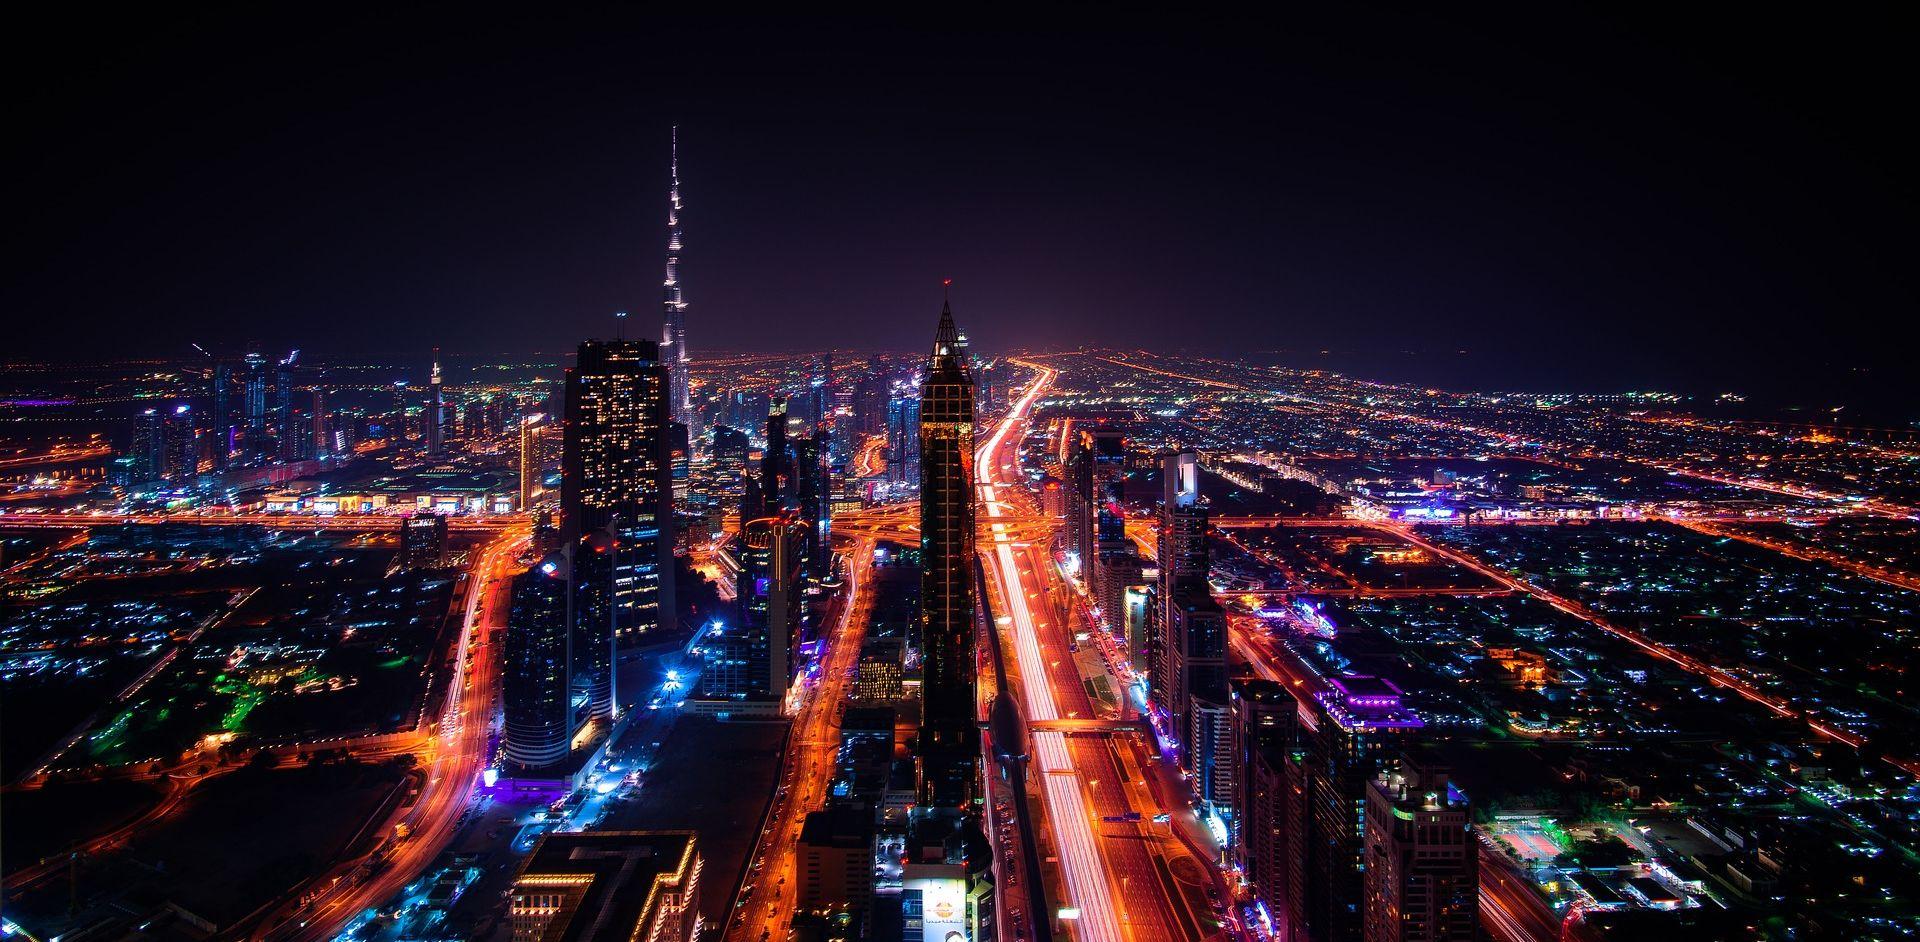 Sjedinjene Države će Emiratima prodati 160 projektila za 2 milijarde dolara